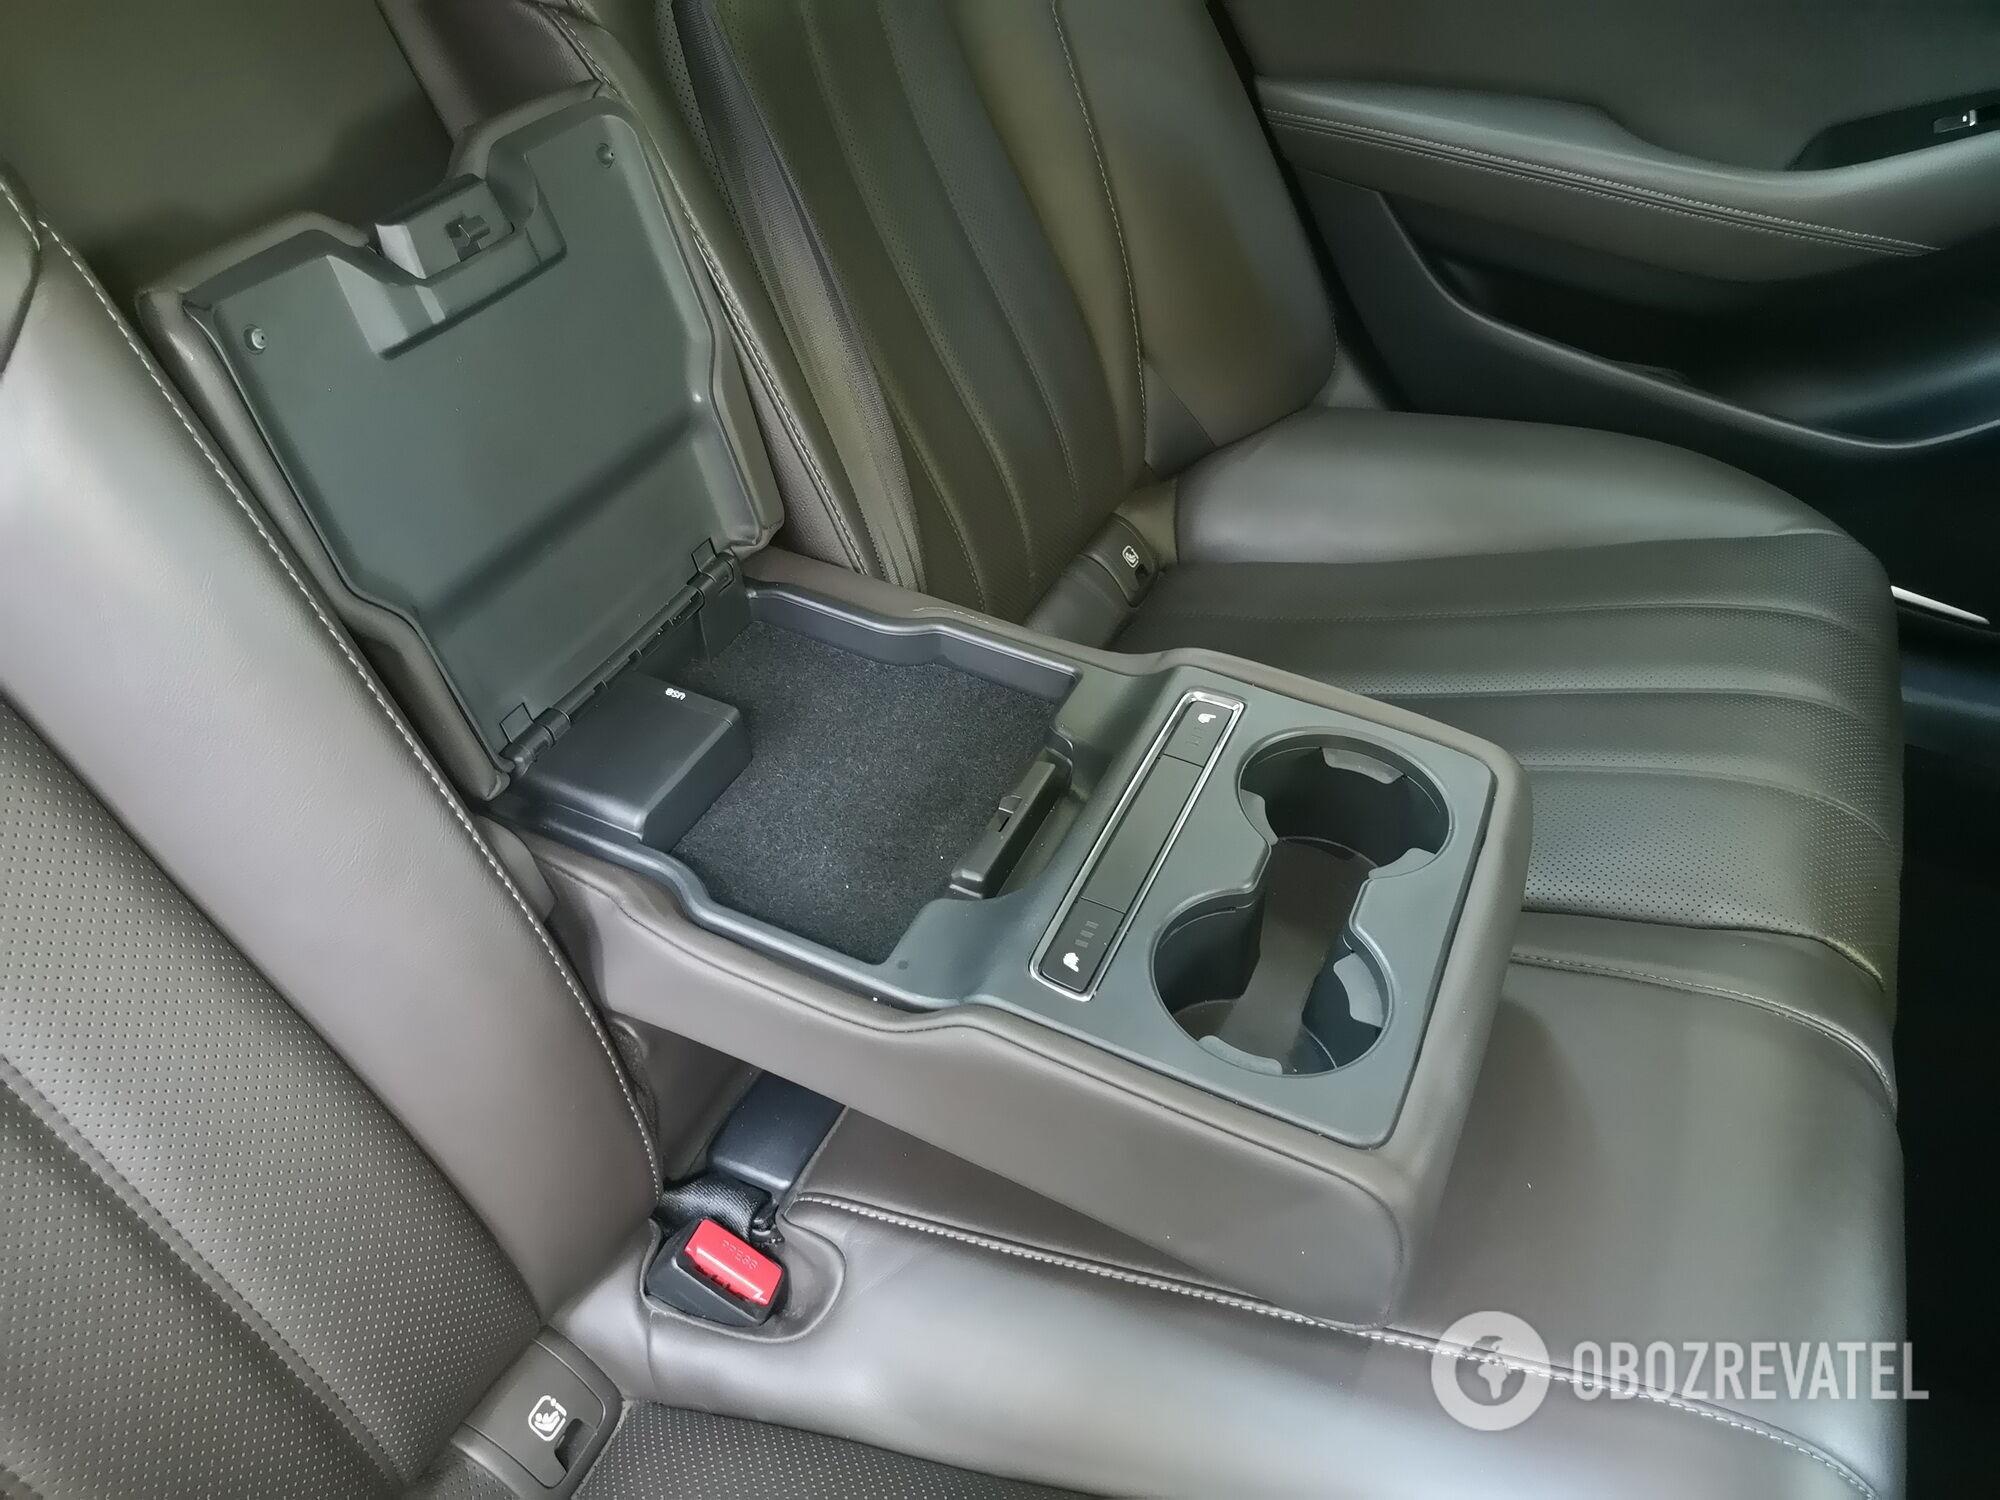 В подлокотнике есть два подстаканника, кнопки включения подогрева сидений и разъемы USB